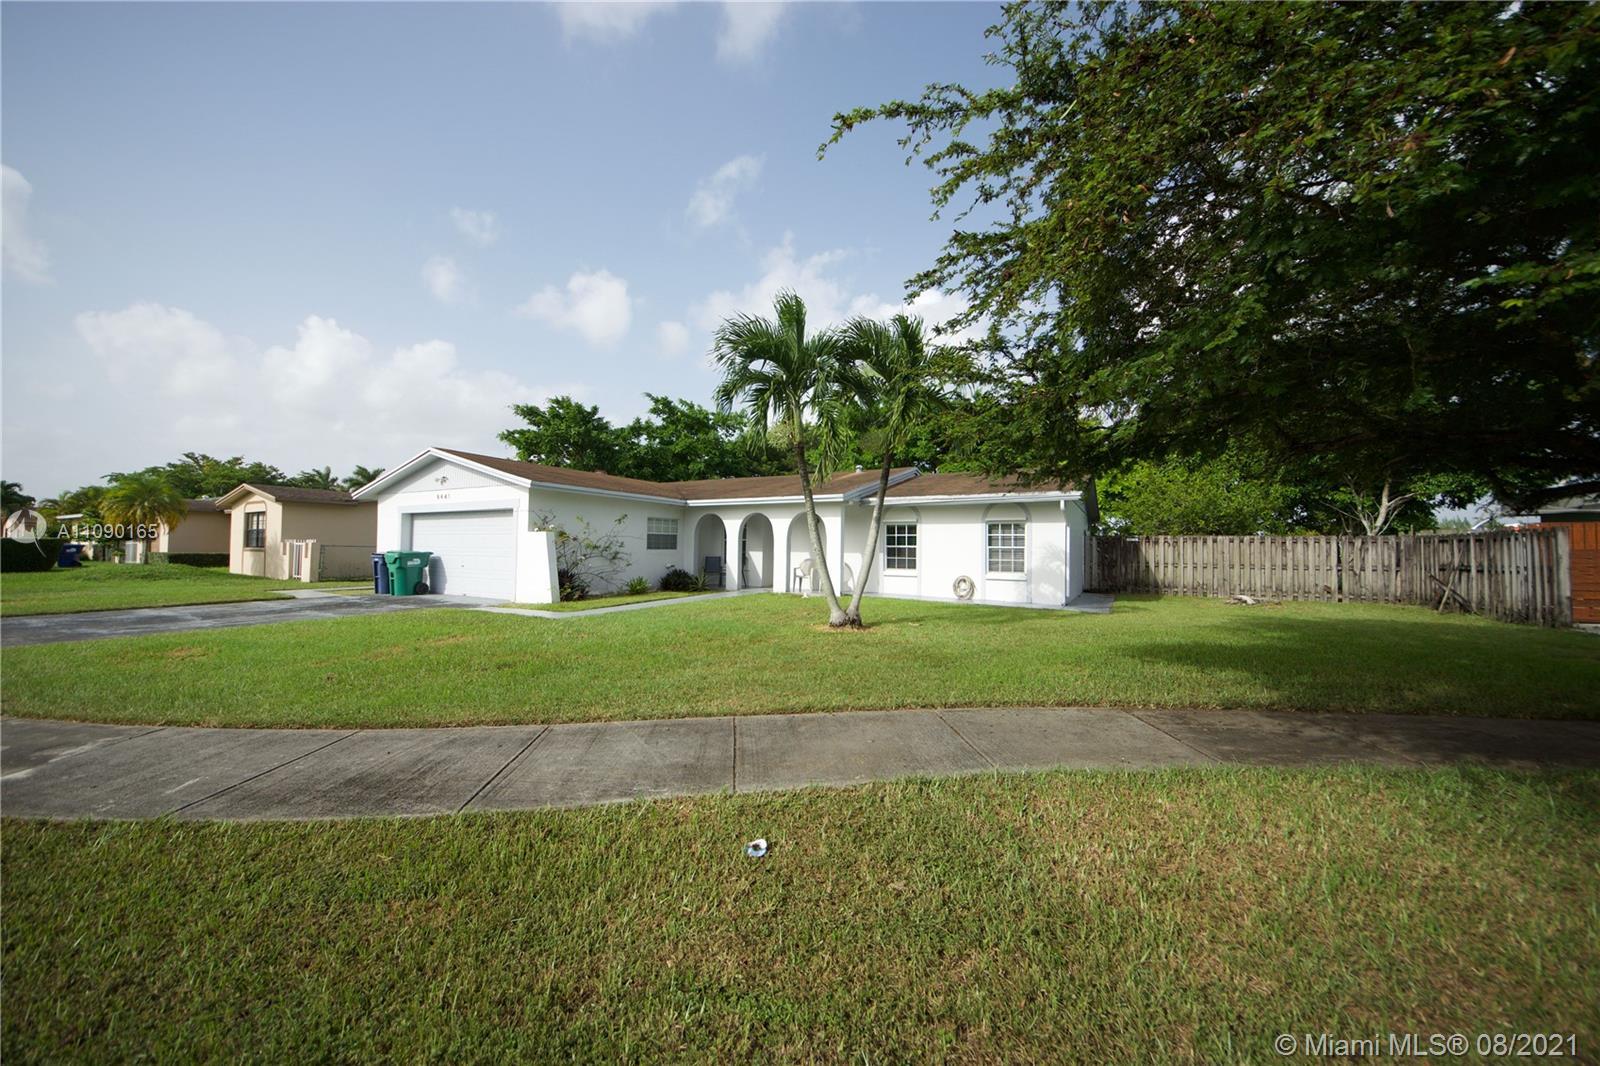 Winston Park - 8441 SW 129th Ave, Miami, FL 33183